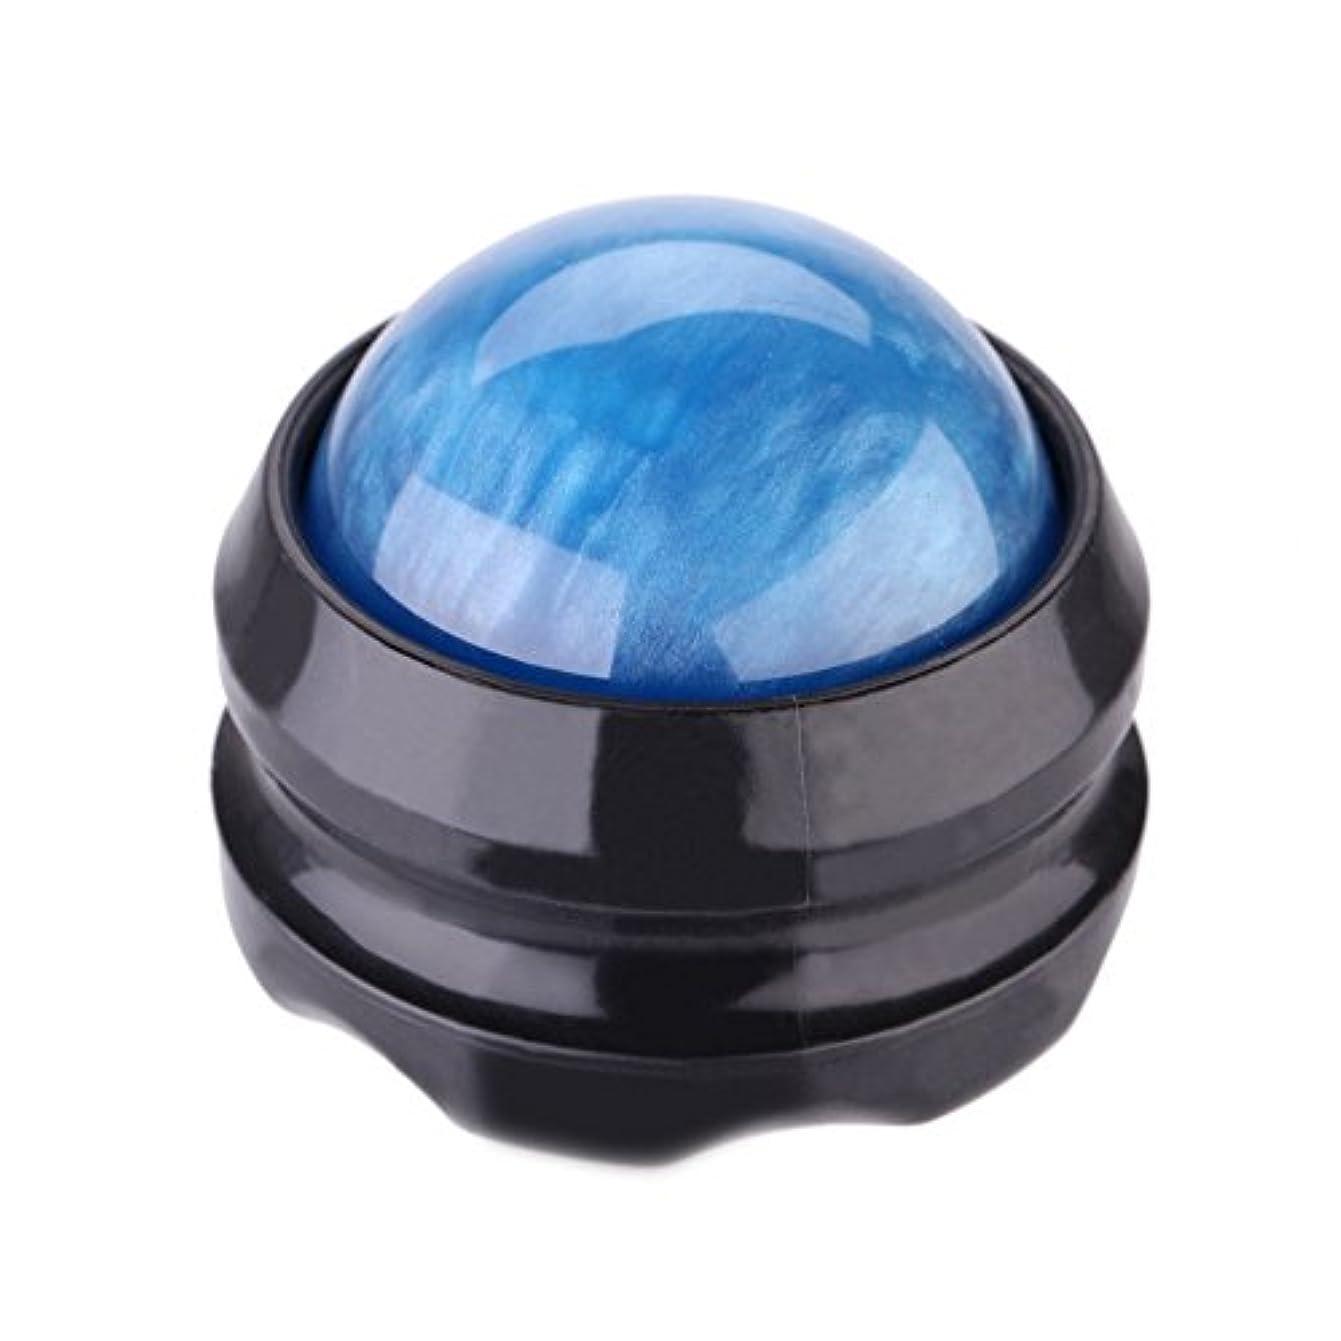 道に迷いました市の中心部安全なTrueland マッサージ ボール 360度回転 背中 首 腰 筋膜リリース 健康器具 (青)